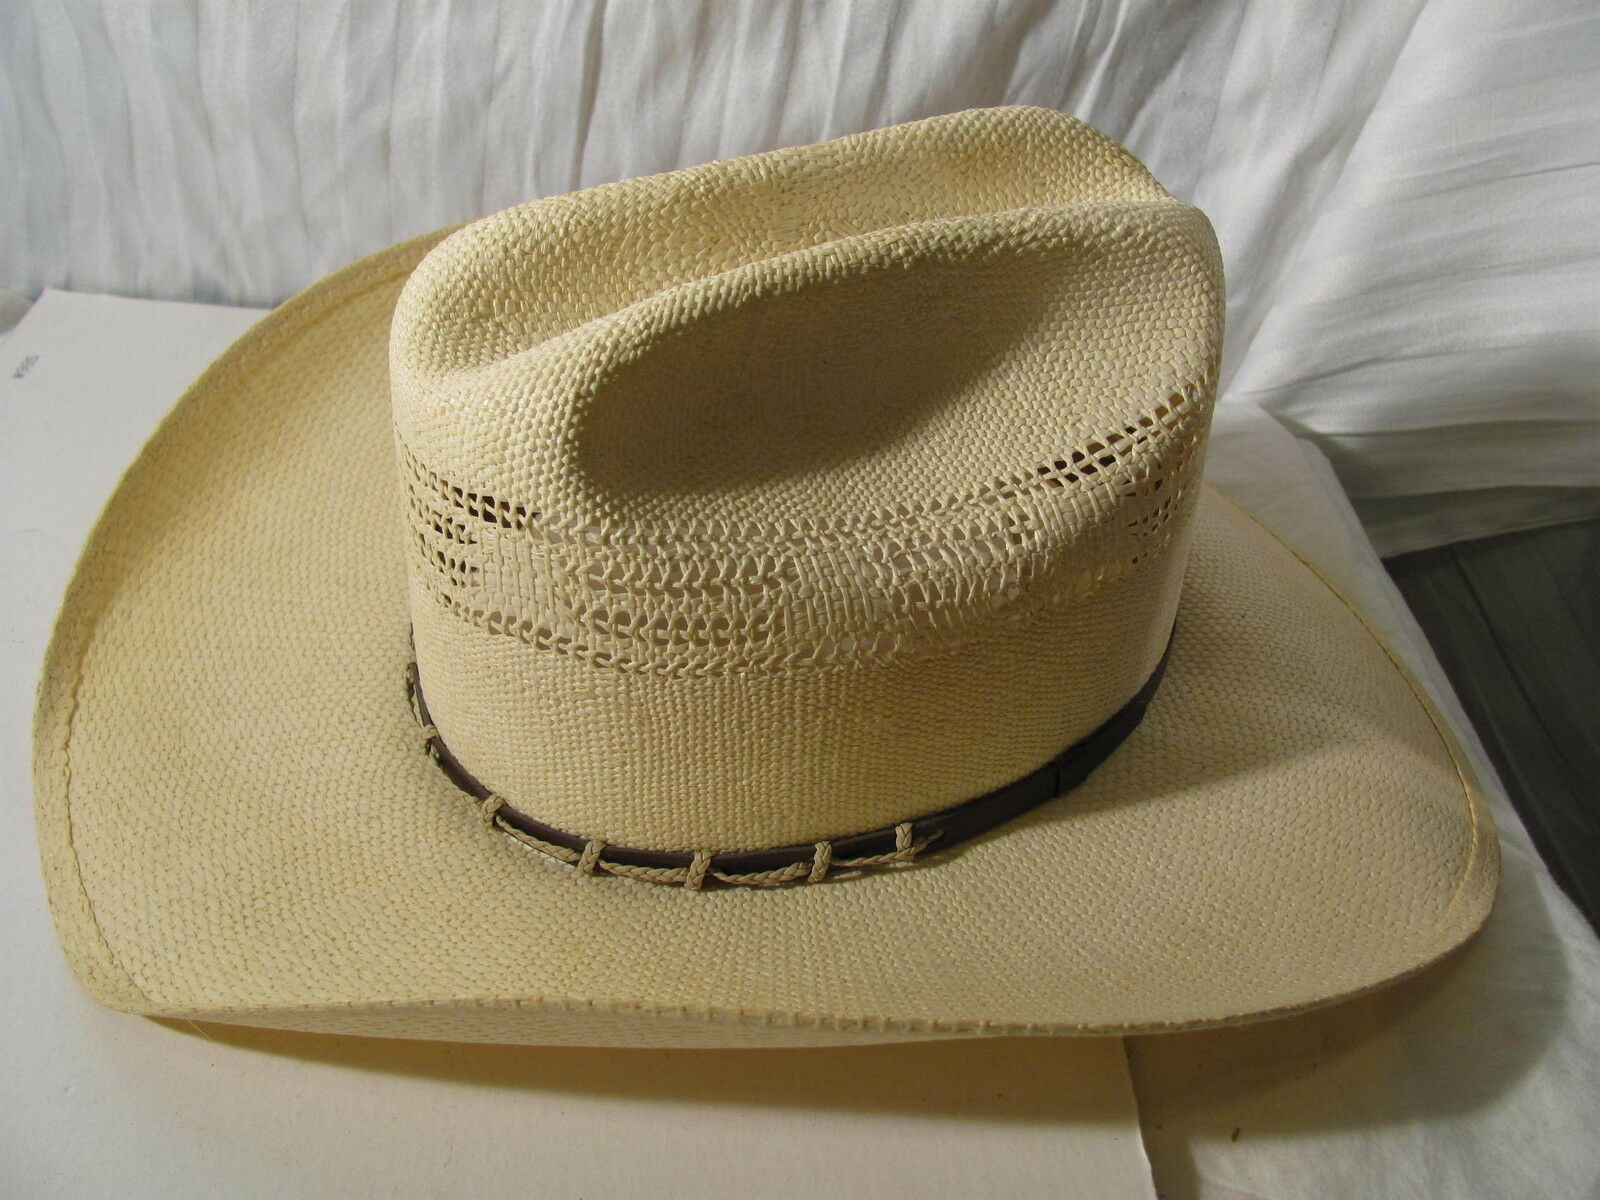 vintage Stetson 7 cowboy hat Bancora size 7 Stetson excellent long oval 528b5a